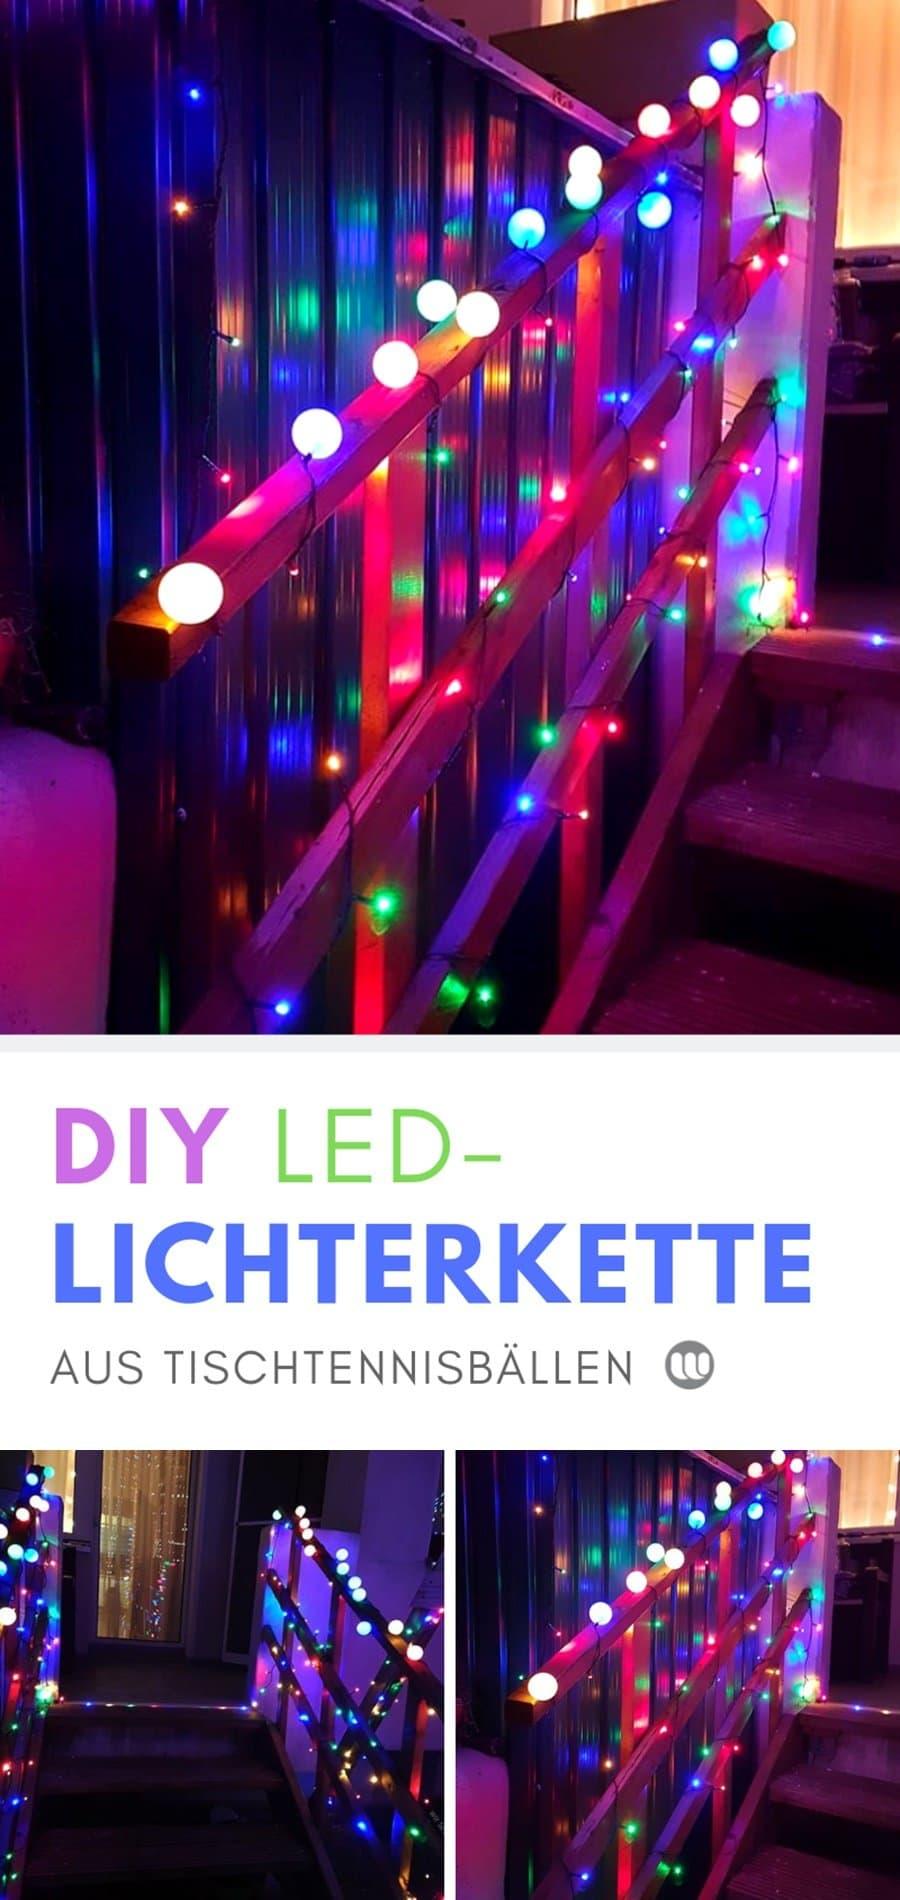 DIY Deko Lichterkette basteln: Anleitung für eine selbstgemachte LED Lichterkette aus Tischtennisbällen